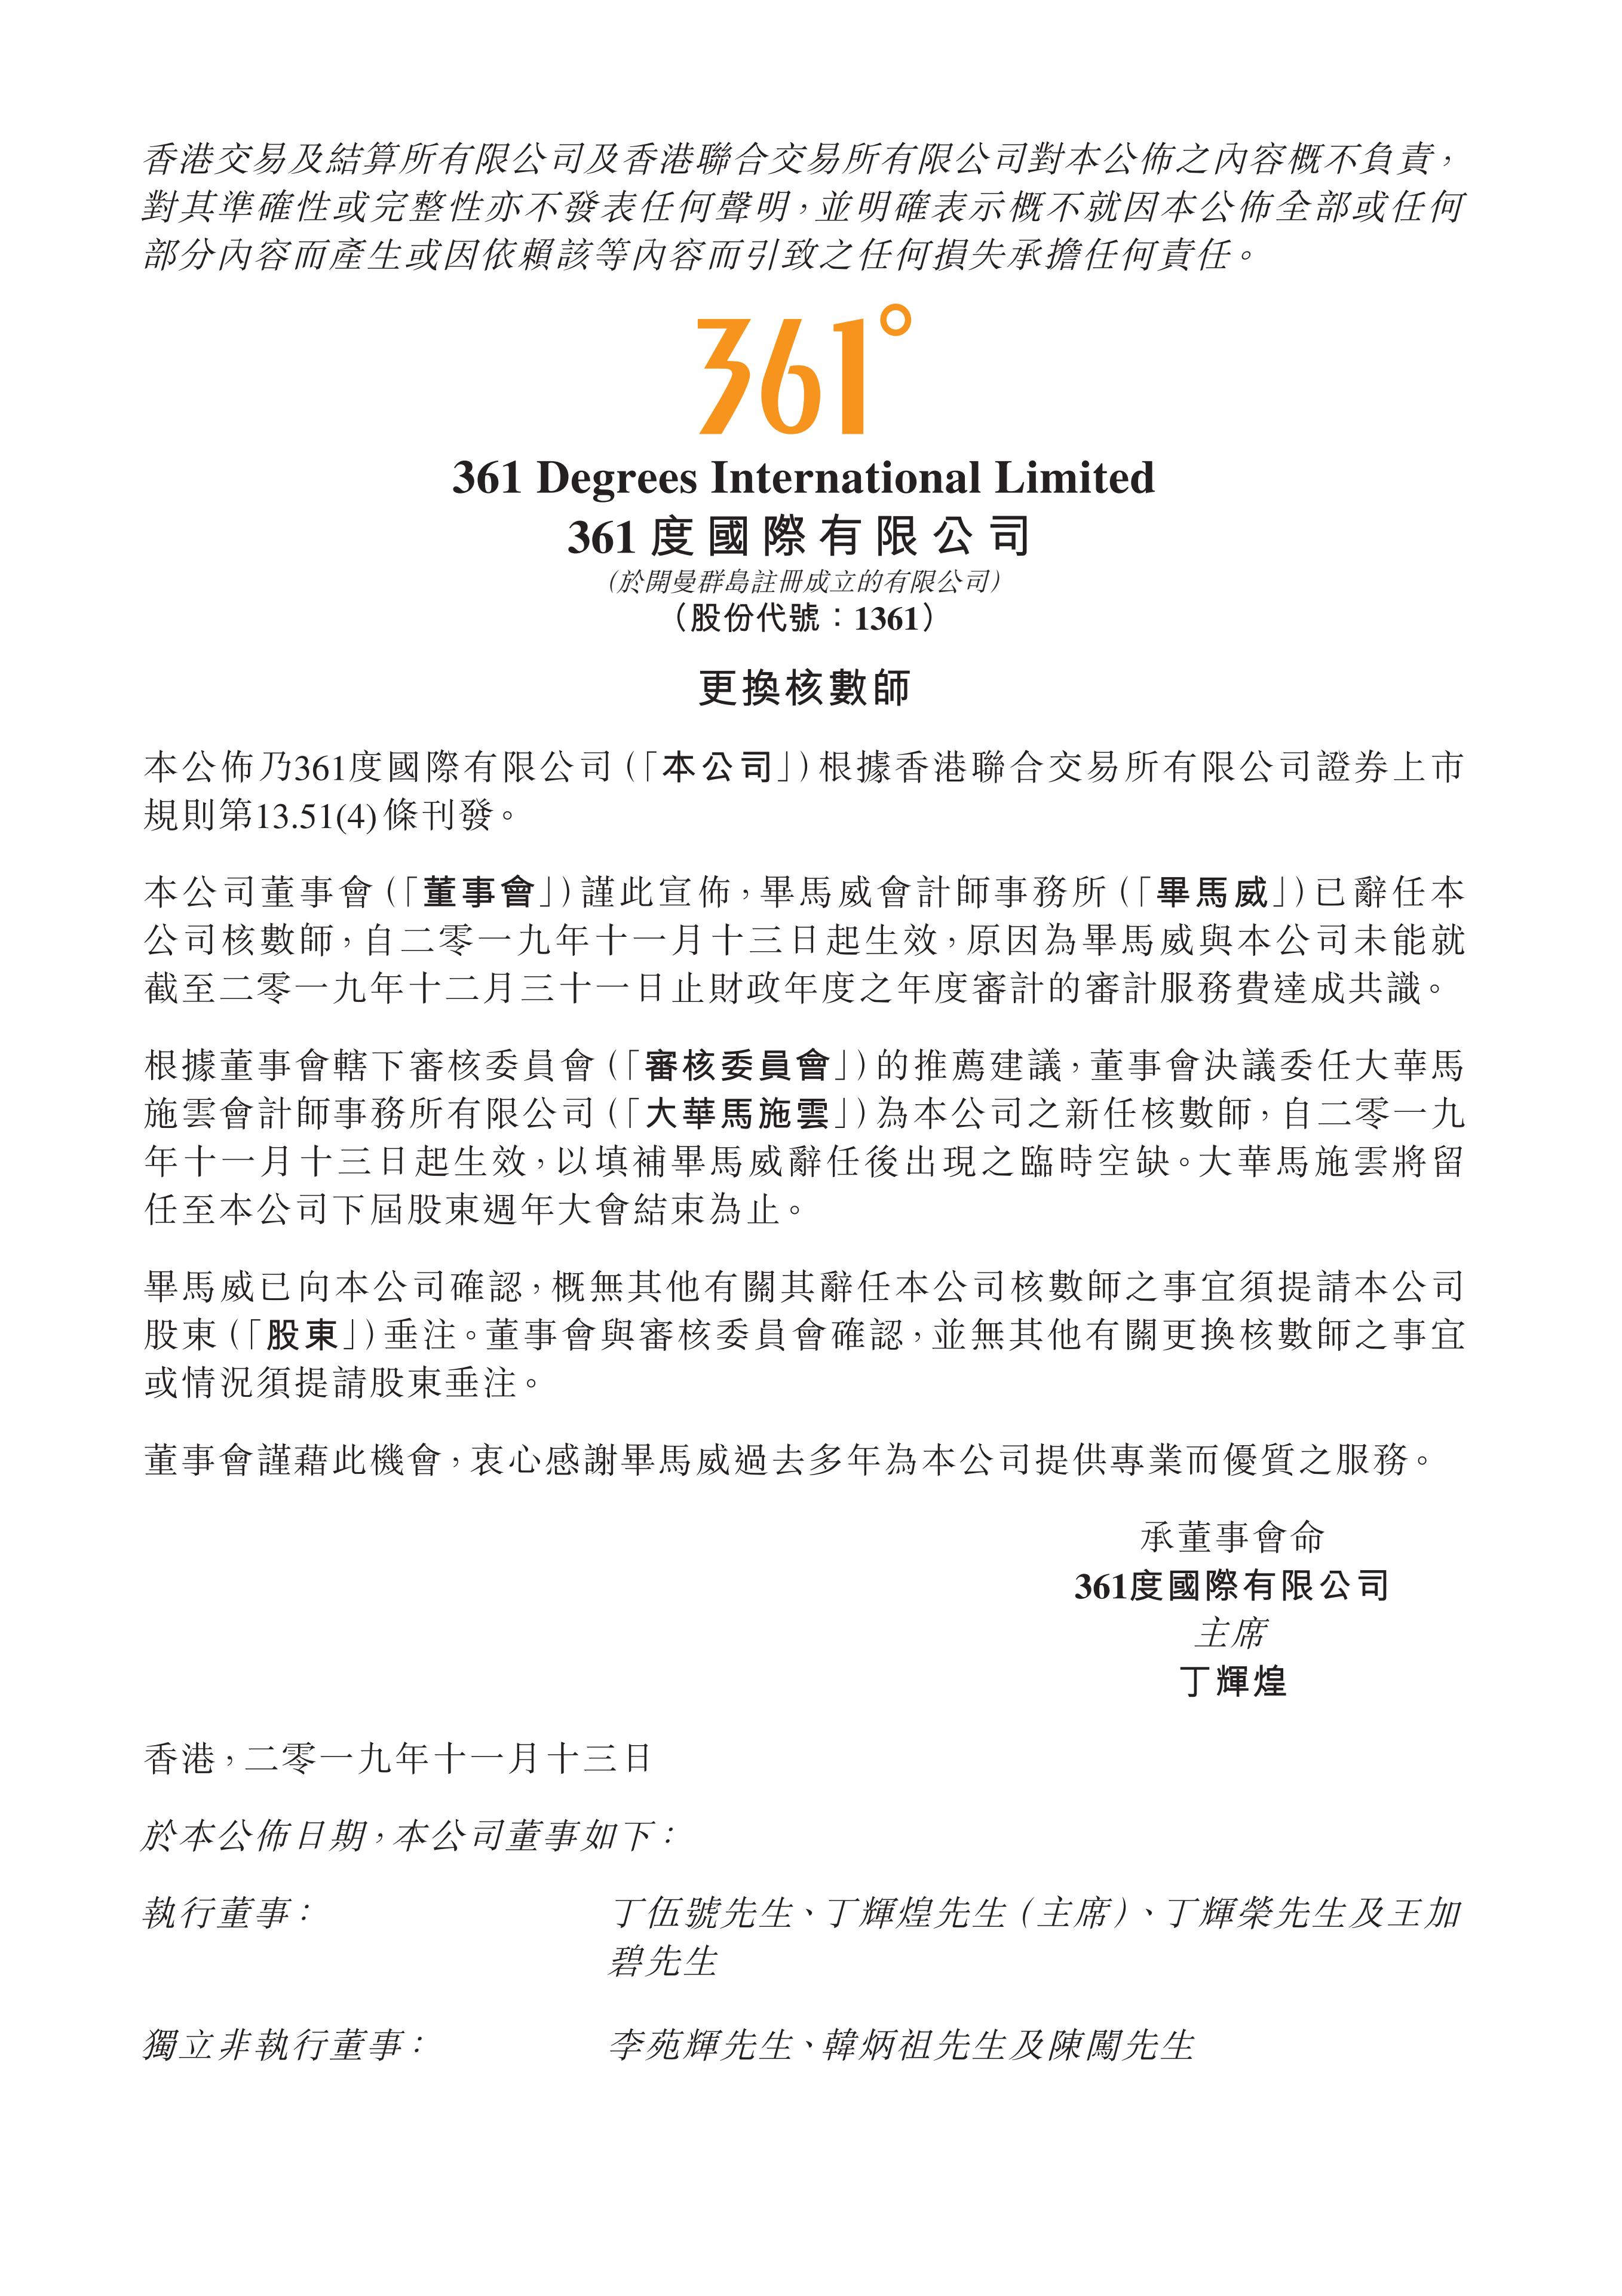 毕马威会计师事务所辞任核数师,361度股价暴跌